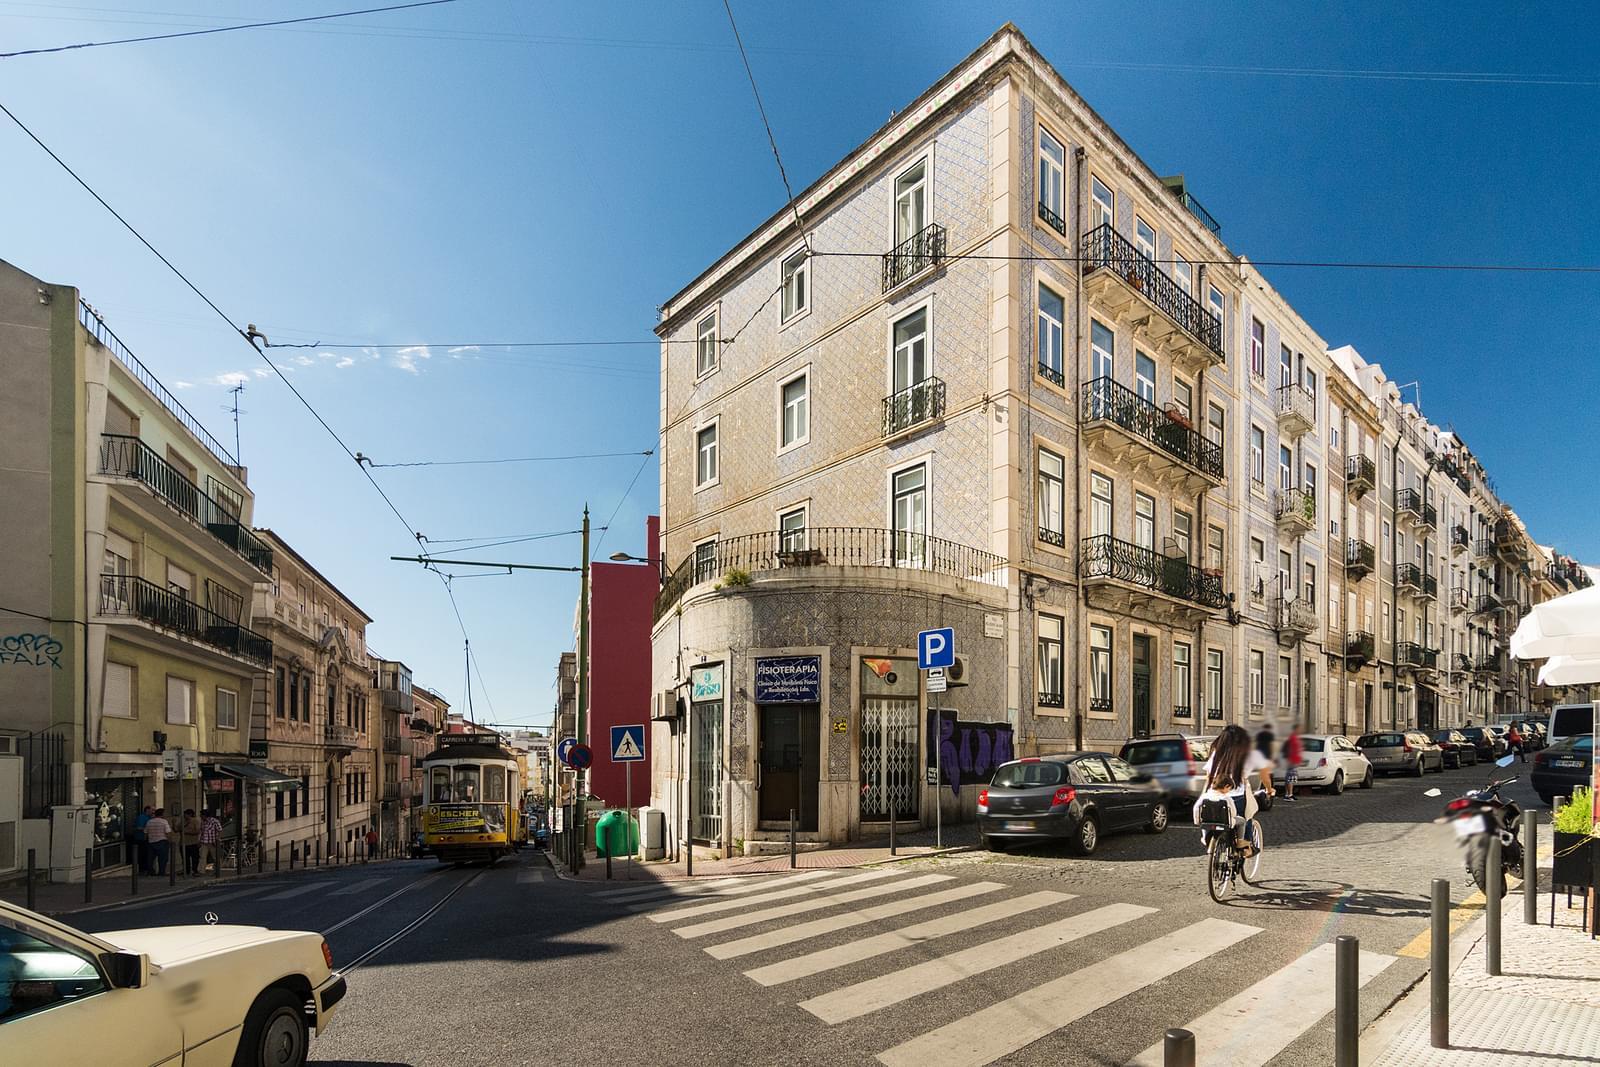 pf17569-apartamento-t2-lisboa-ffdde400-03f9-4b87-9c4c-d53063dd5840